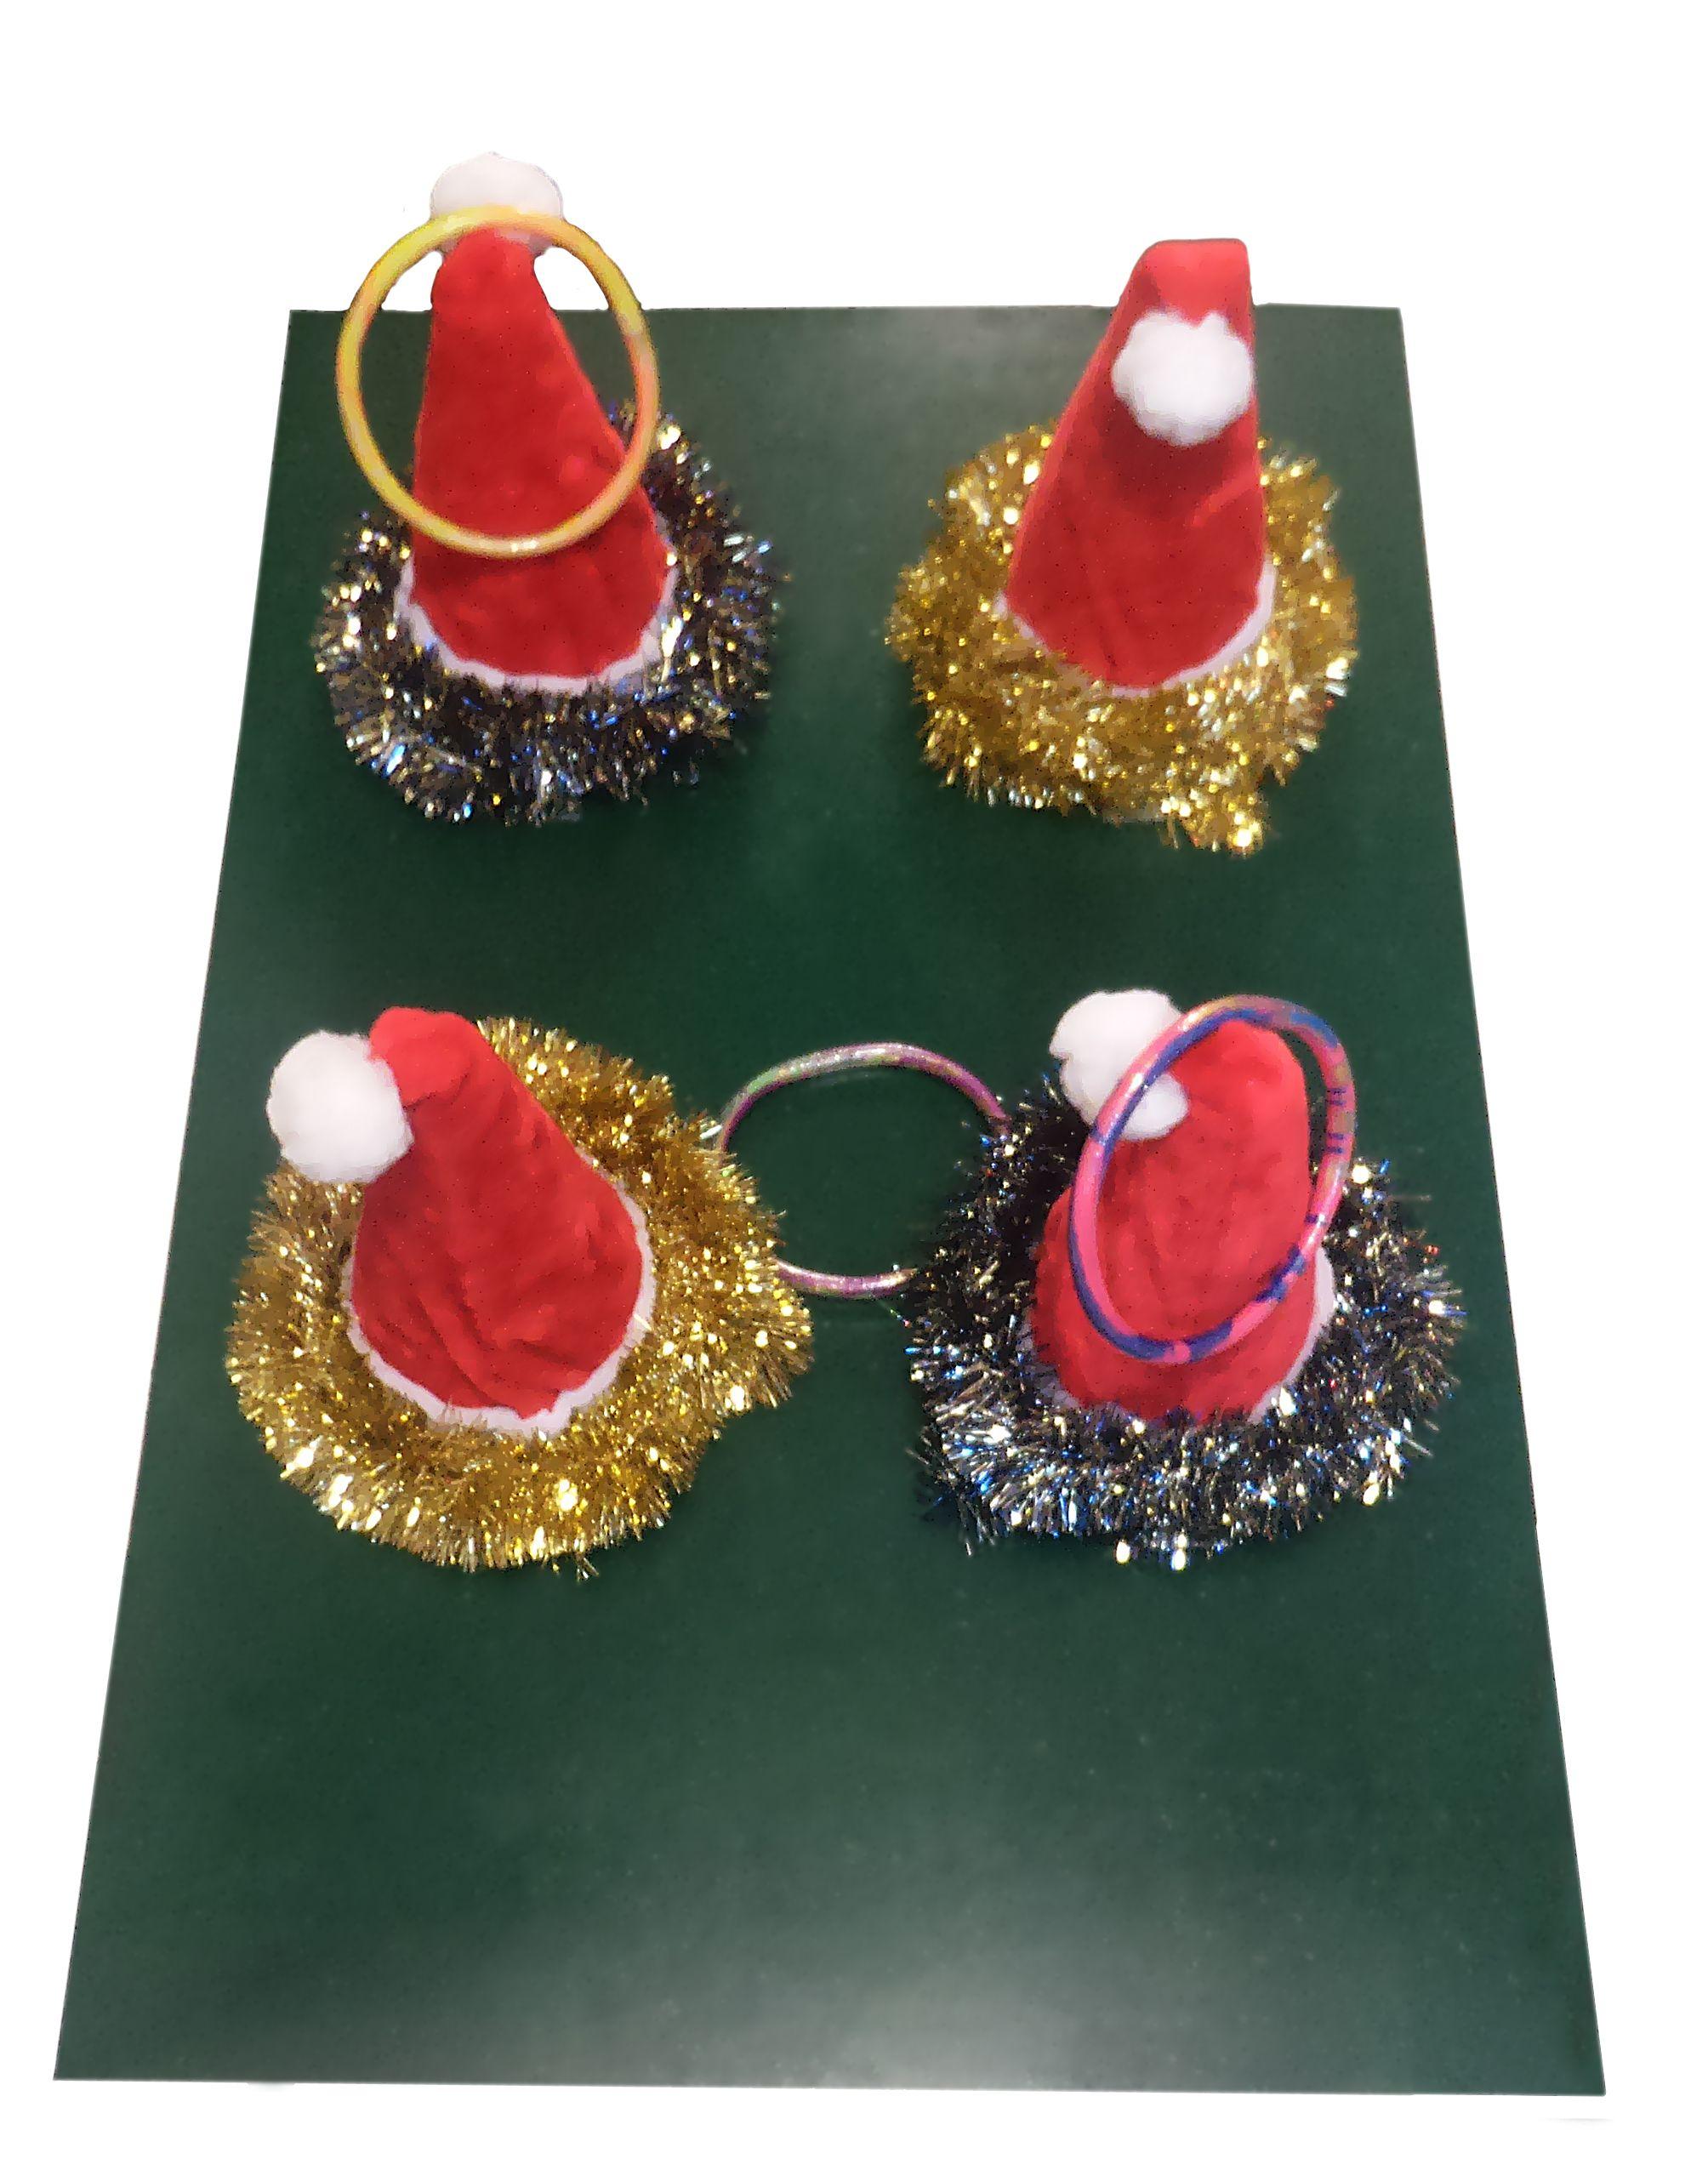 Le Jeu Des Chapeaux De Noël Constitue À Lancer Les Anneaux concernant Jeu Des Chapeaux